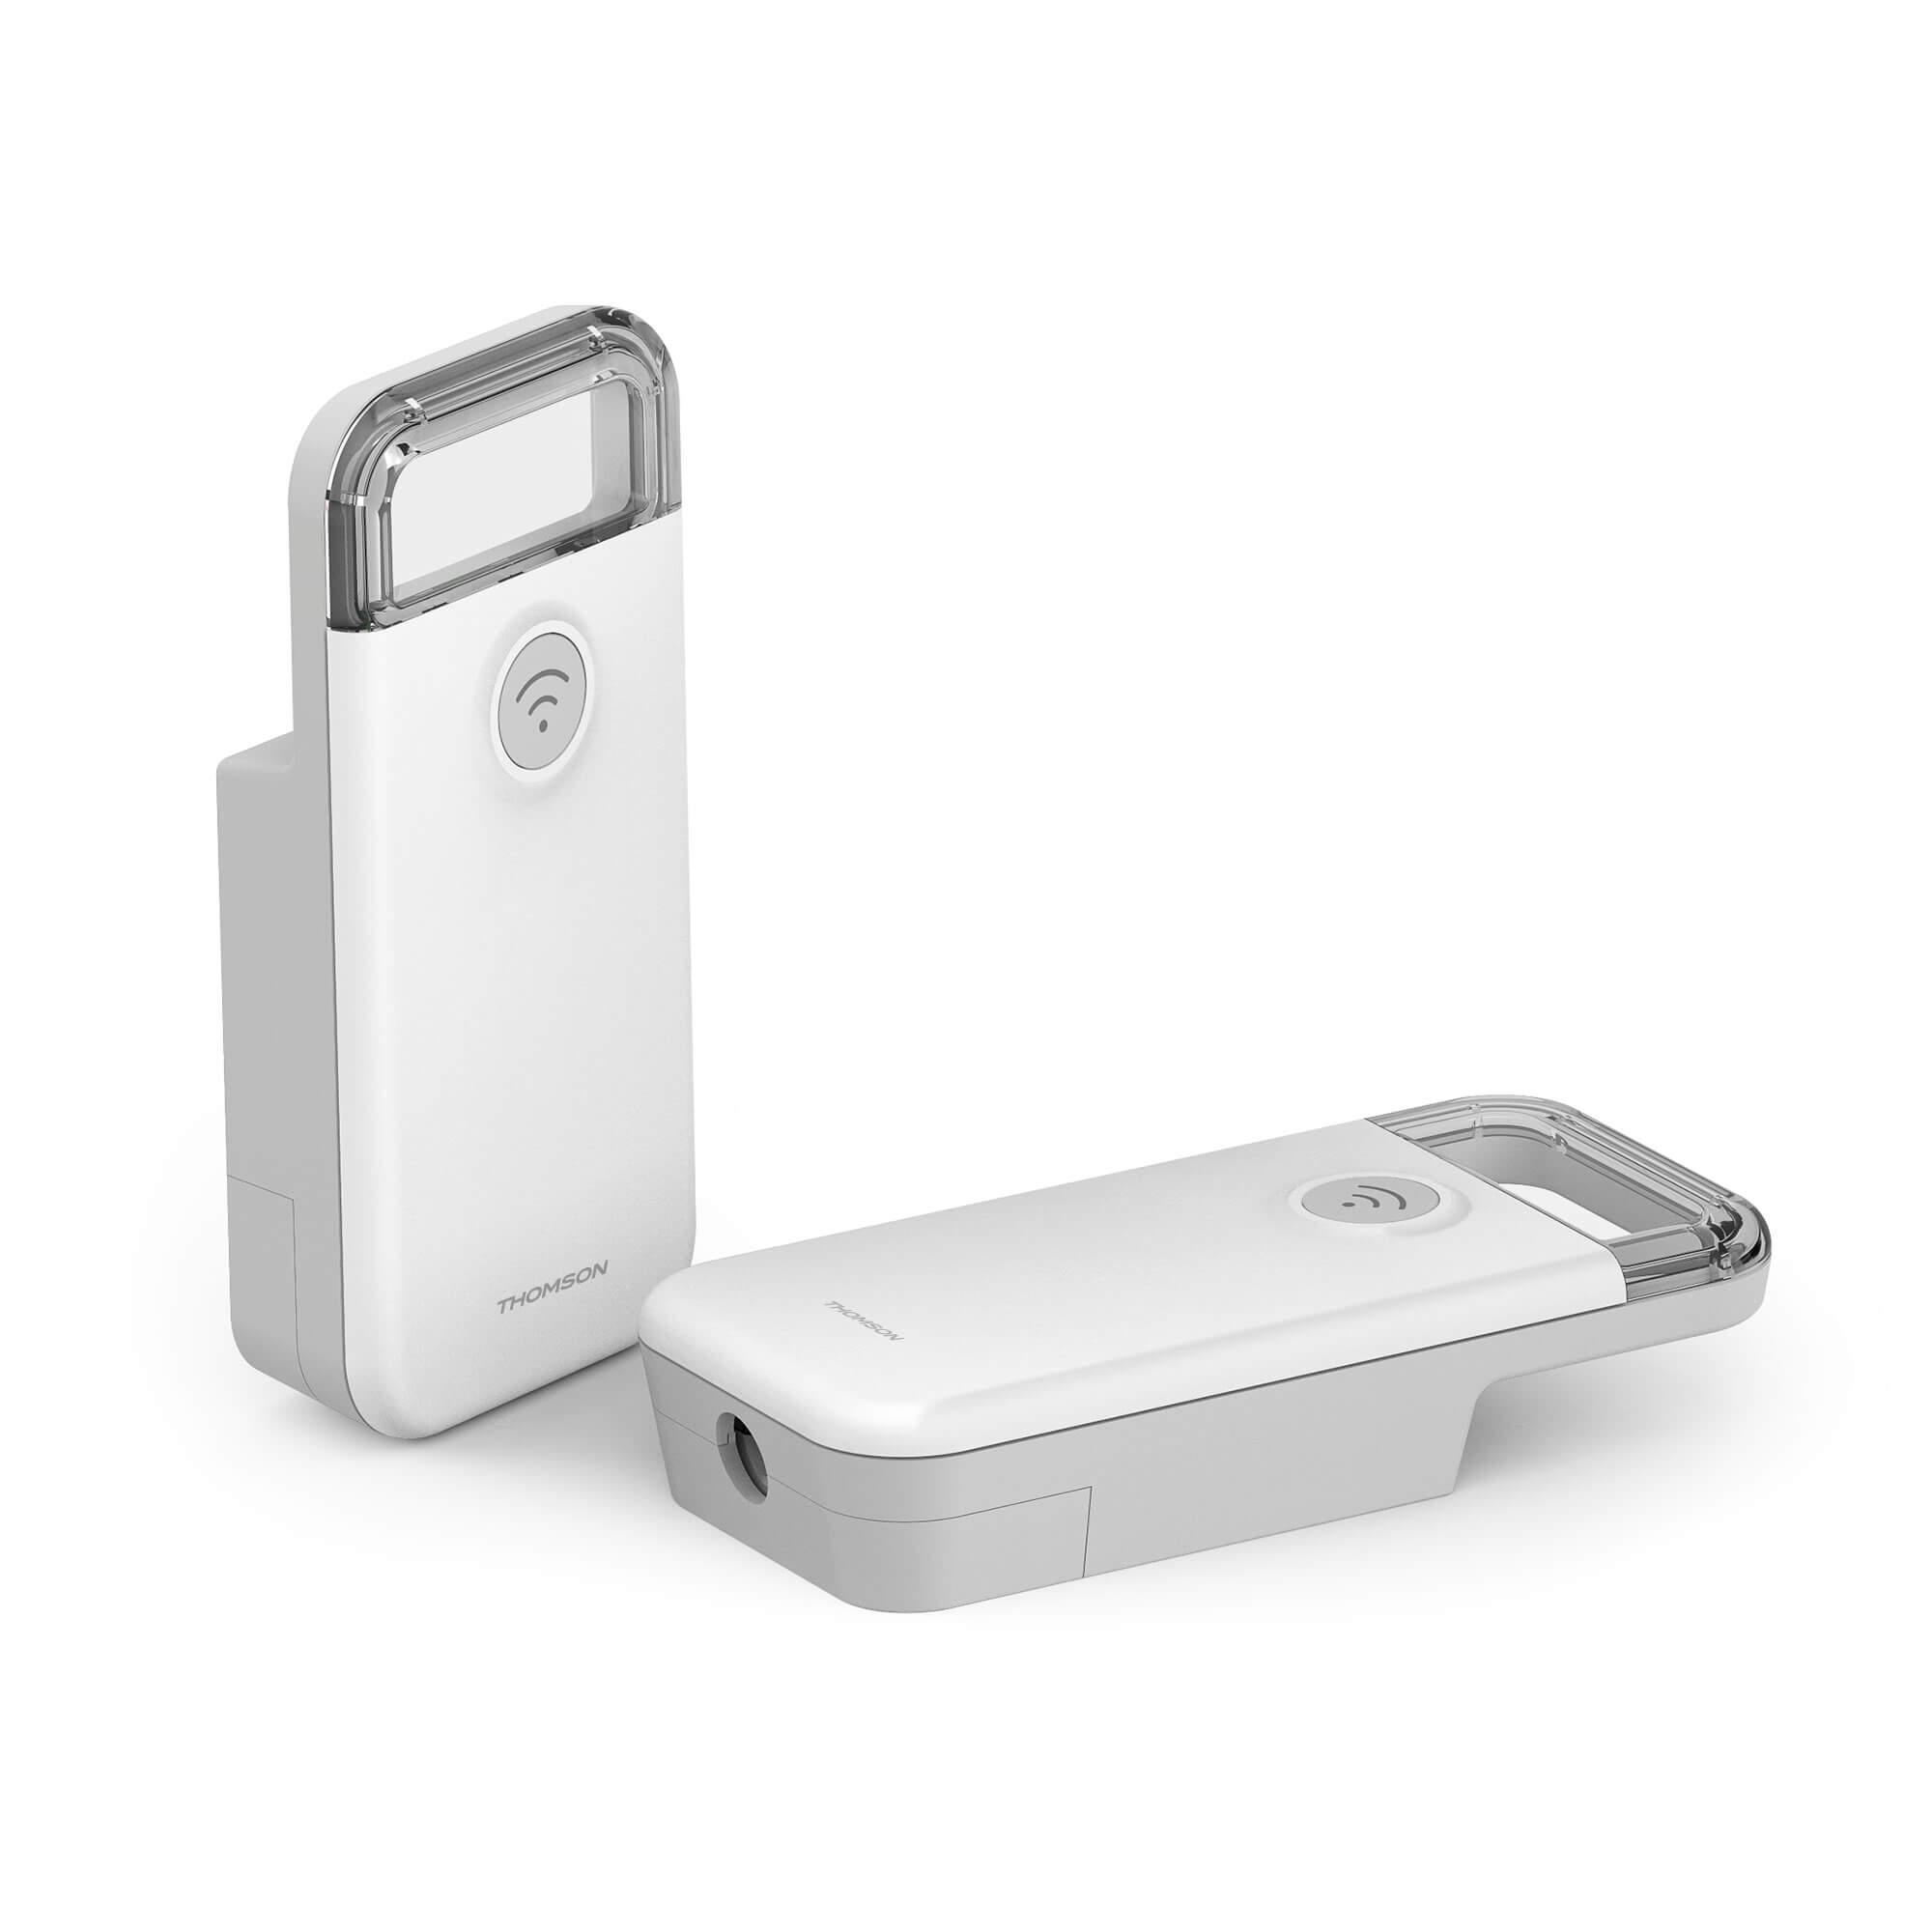 Module de chauffage Wifi pour radiateur fil pilote - CALI-P - 520019